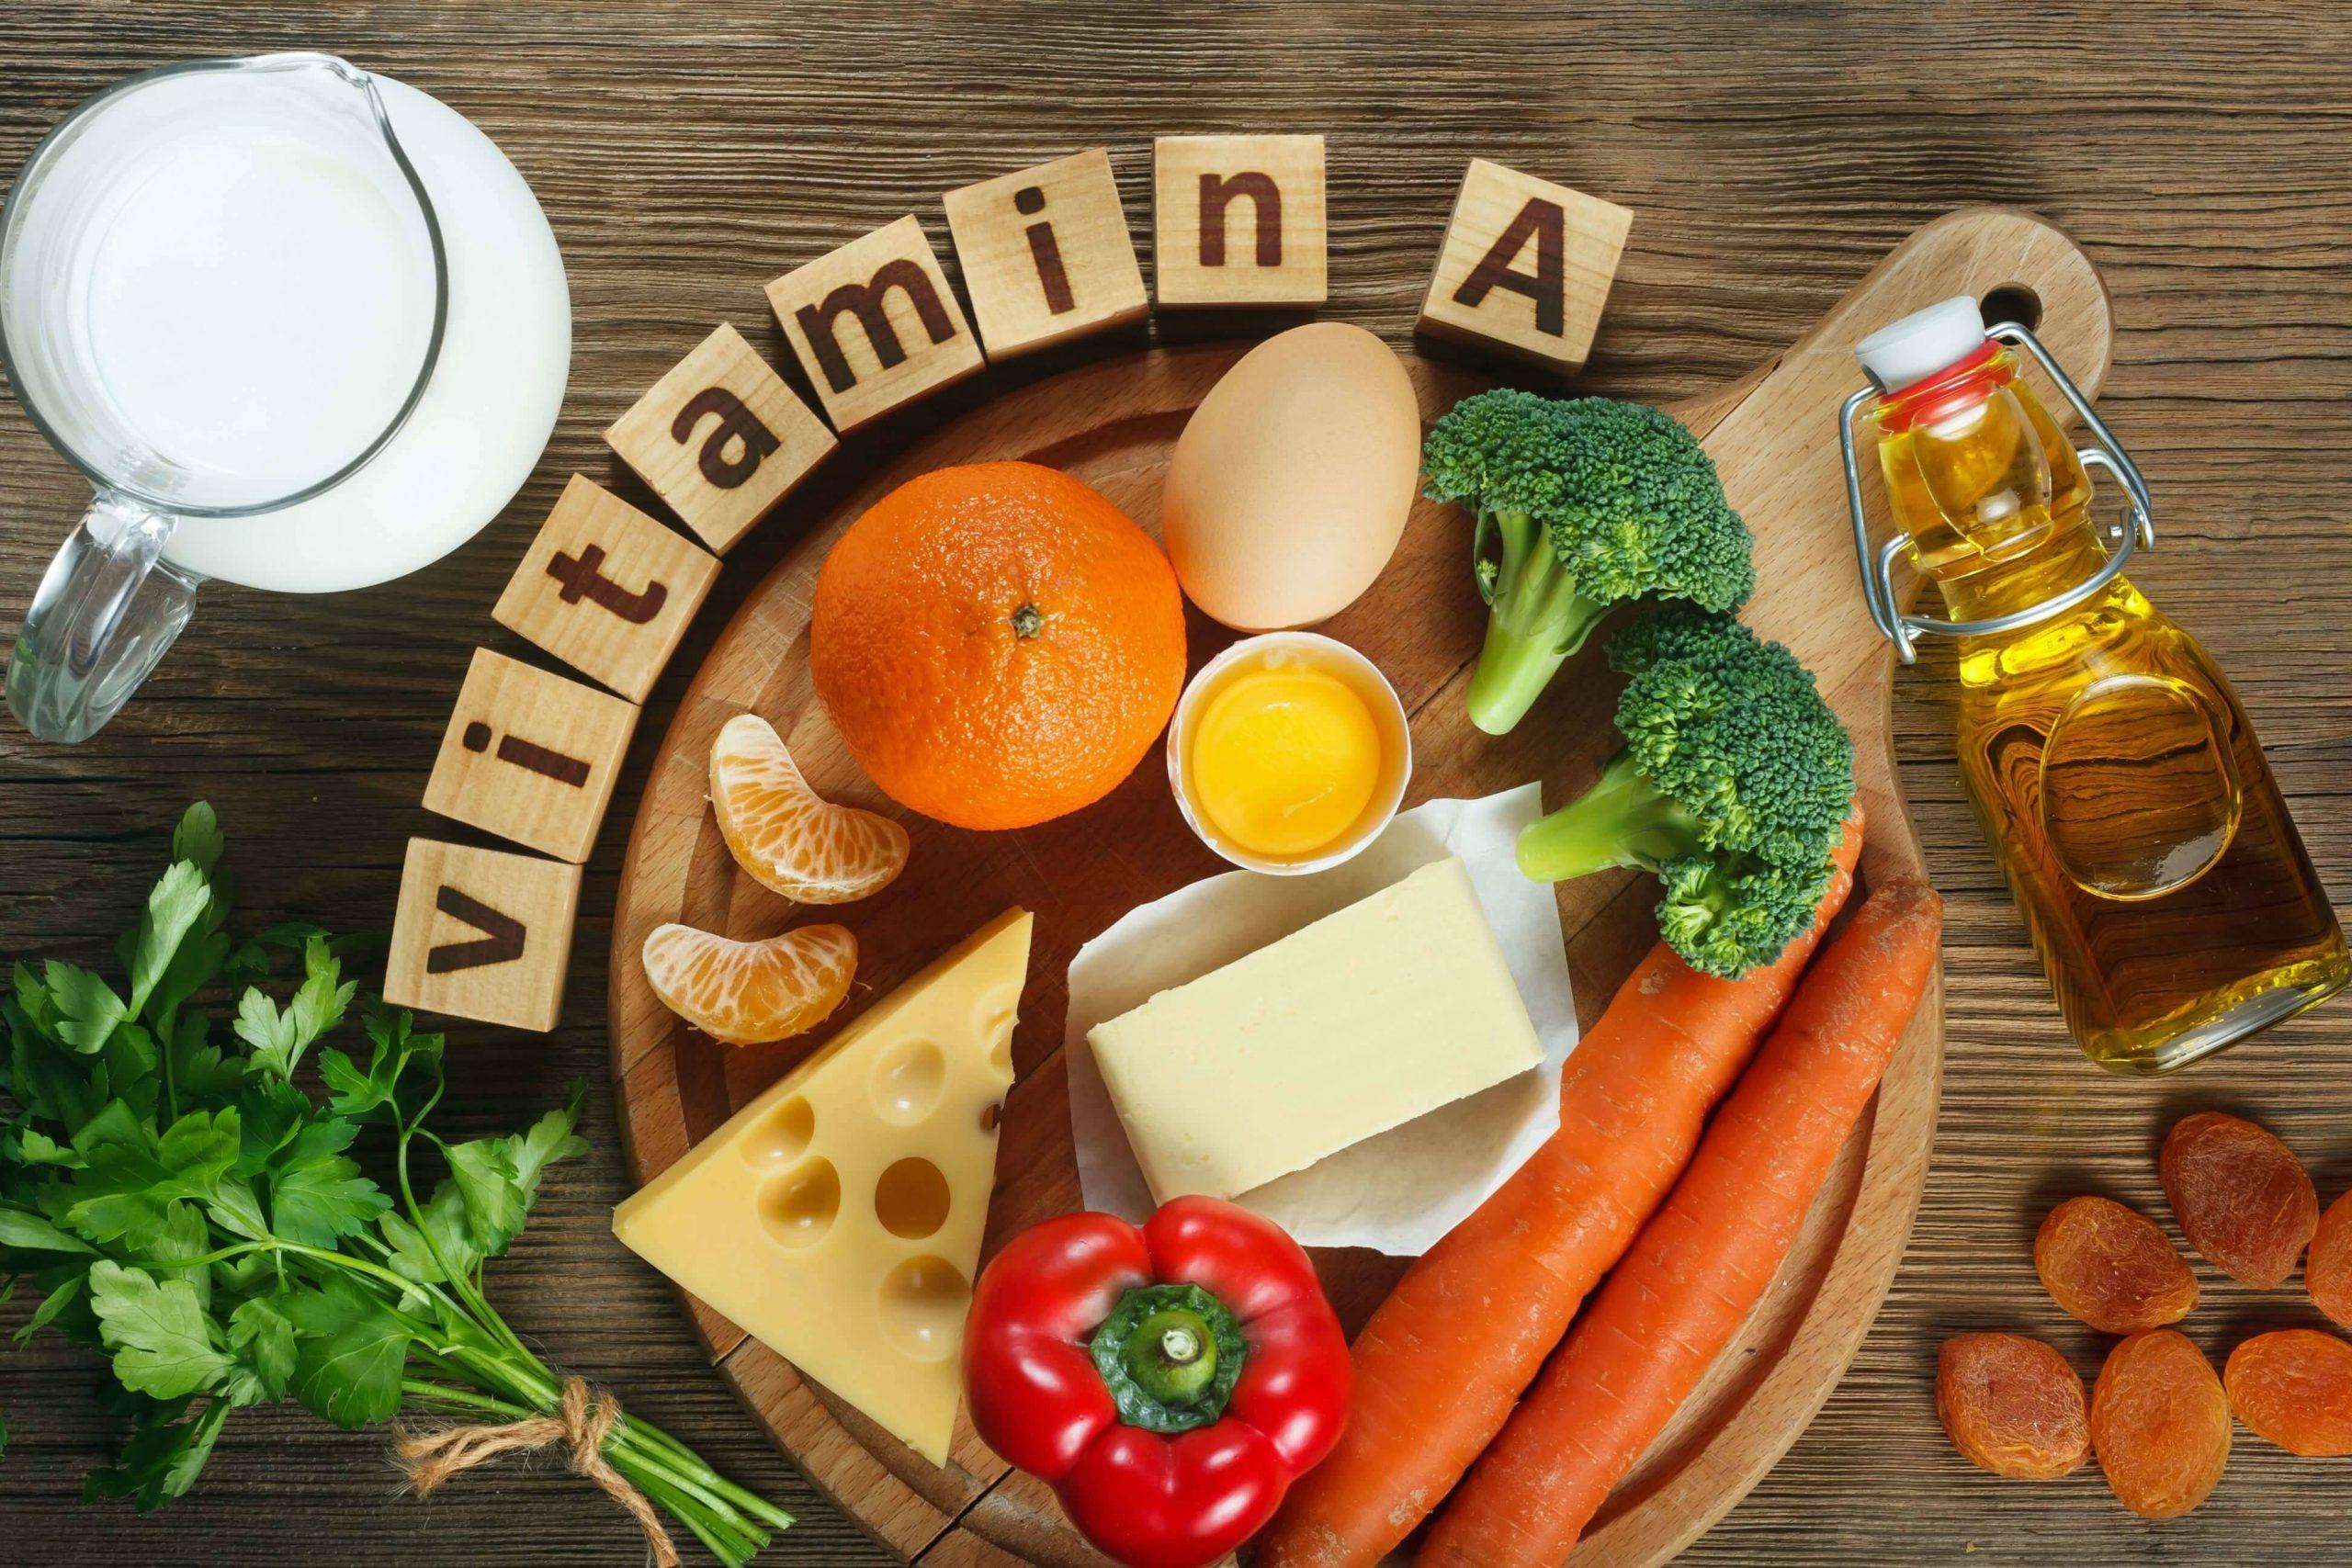 Menjaga dan Meningkatkan Imun Tubuh Dengan Vitamin A, Dapat Melawan Bakteri dan Virus 4